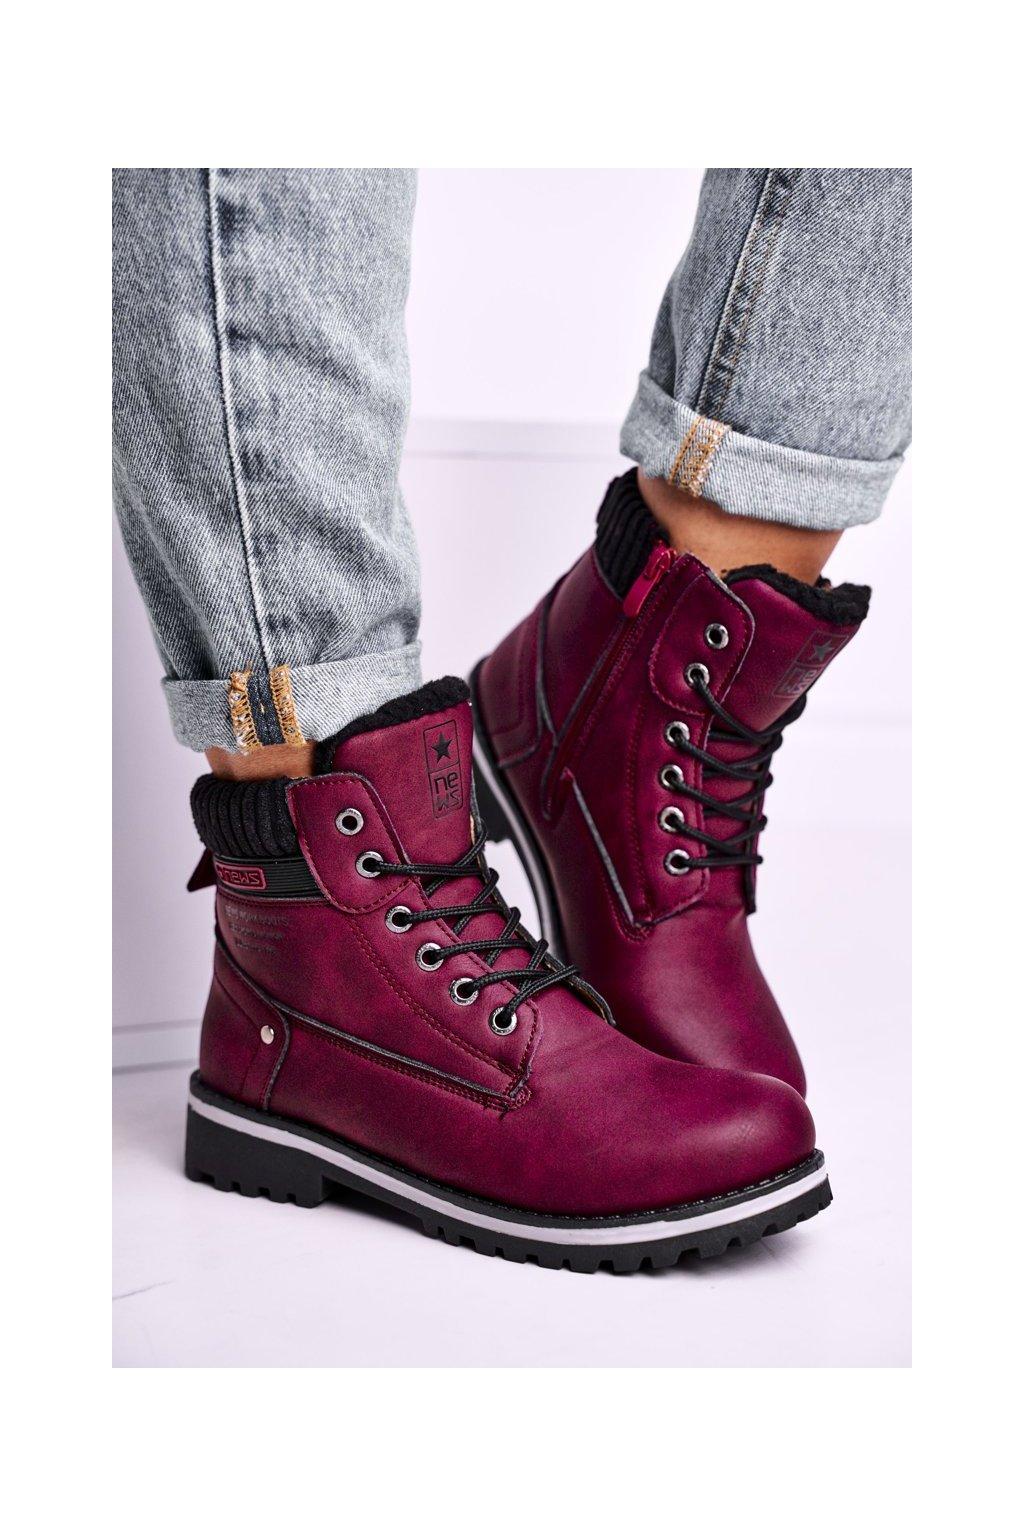 Členkové topánky na podpätku farba červená kód obuvi 8BT26-0746 BURGUNDY